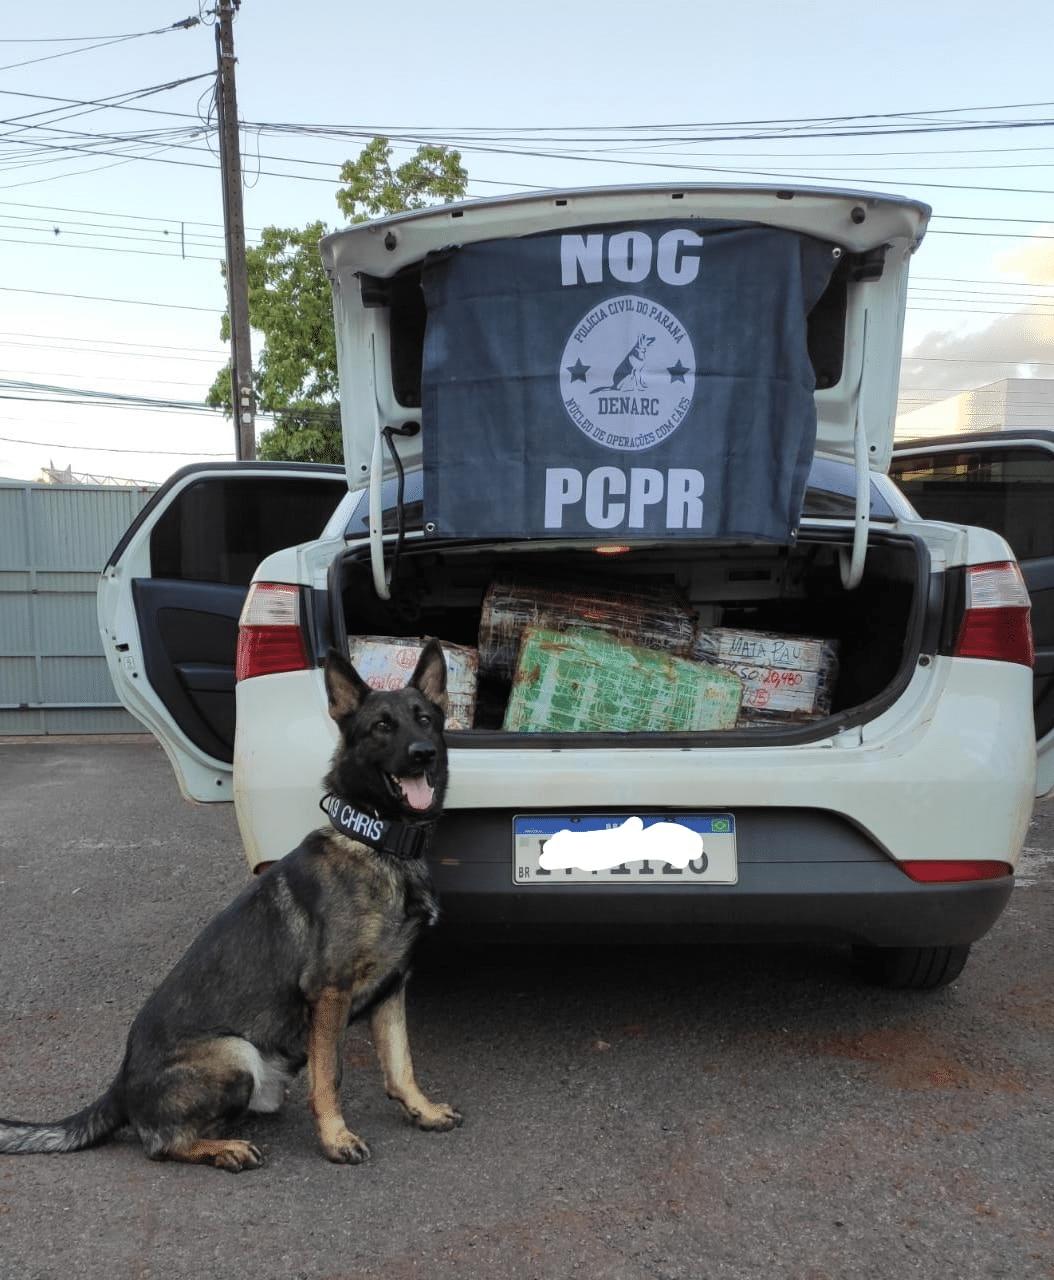 CHRIS. Agente canino do NOC ajudou a apreender 11kg de crack em sua primeira operação. – Divulgação